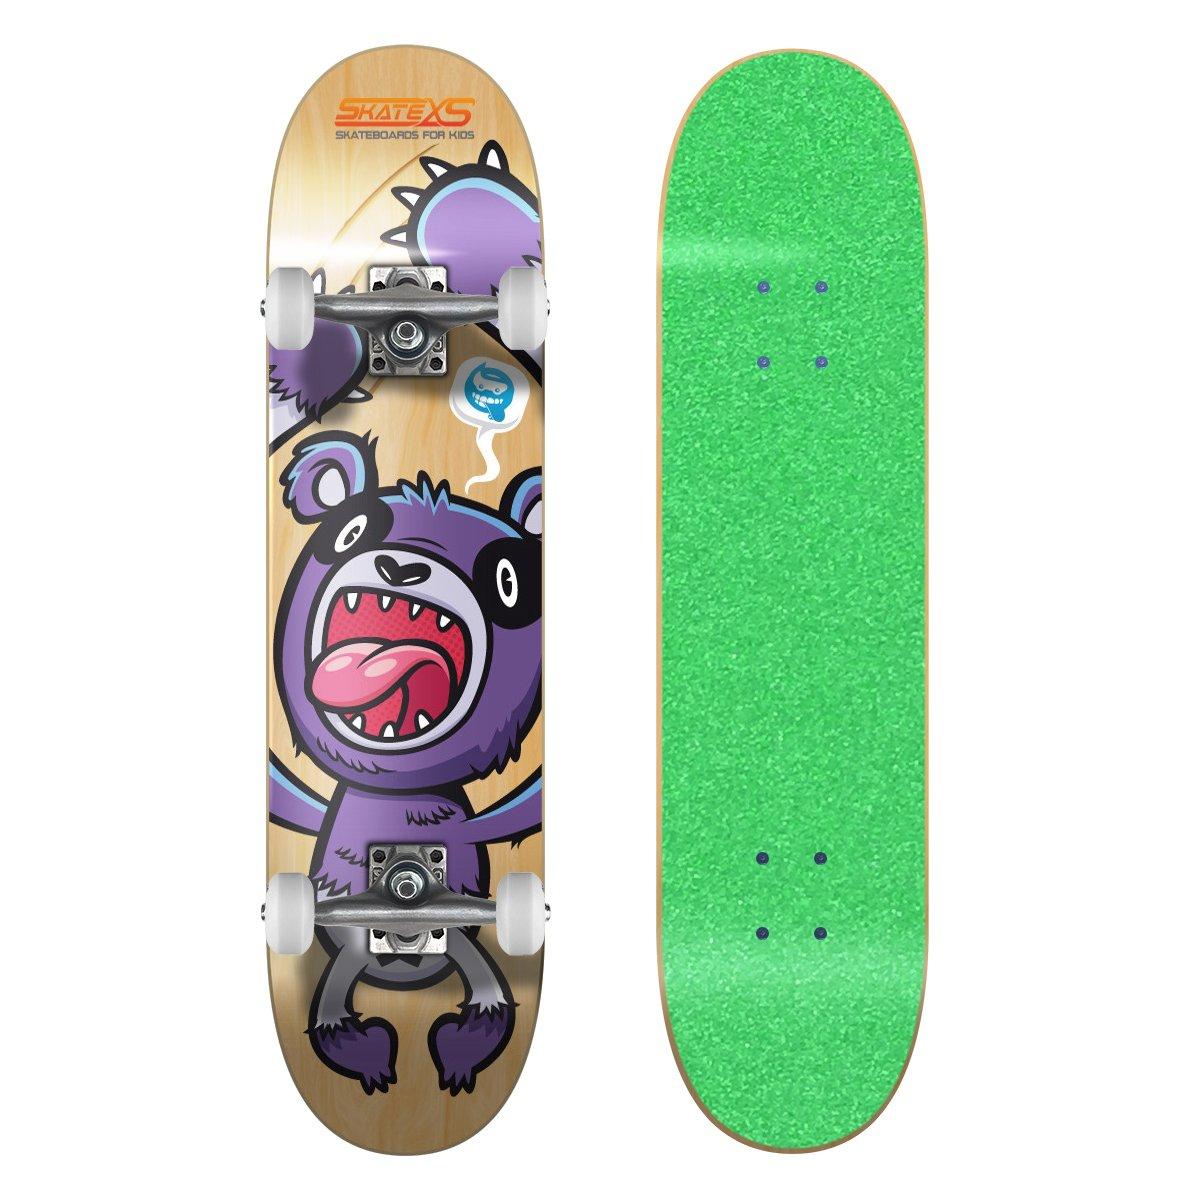 超激安 SkateXS/ 初心者 Wheels パンダ ストリート キッズ スケートボード B00YG1WDKY 7.25 x White 29 (Ages 8-10) Green Grip Tape/ White Wheels Green Grip Tape/ White Wheels 7.25 x 29 (Ages 8-10), ジュエリー工房 Alma:933dab27 --- a0267596.xsph.ru